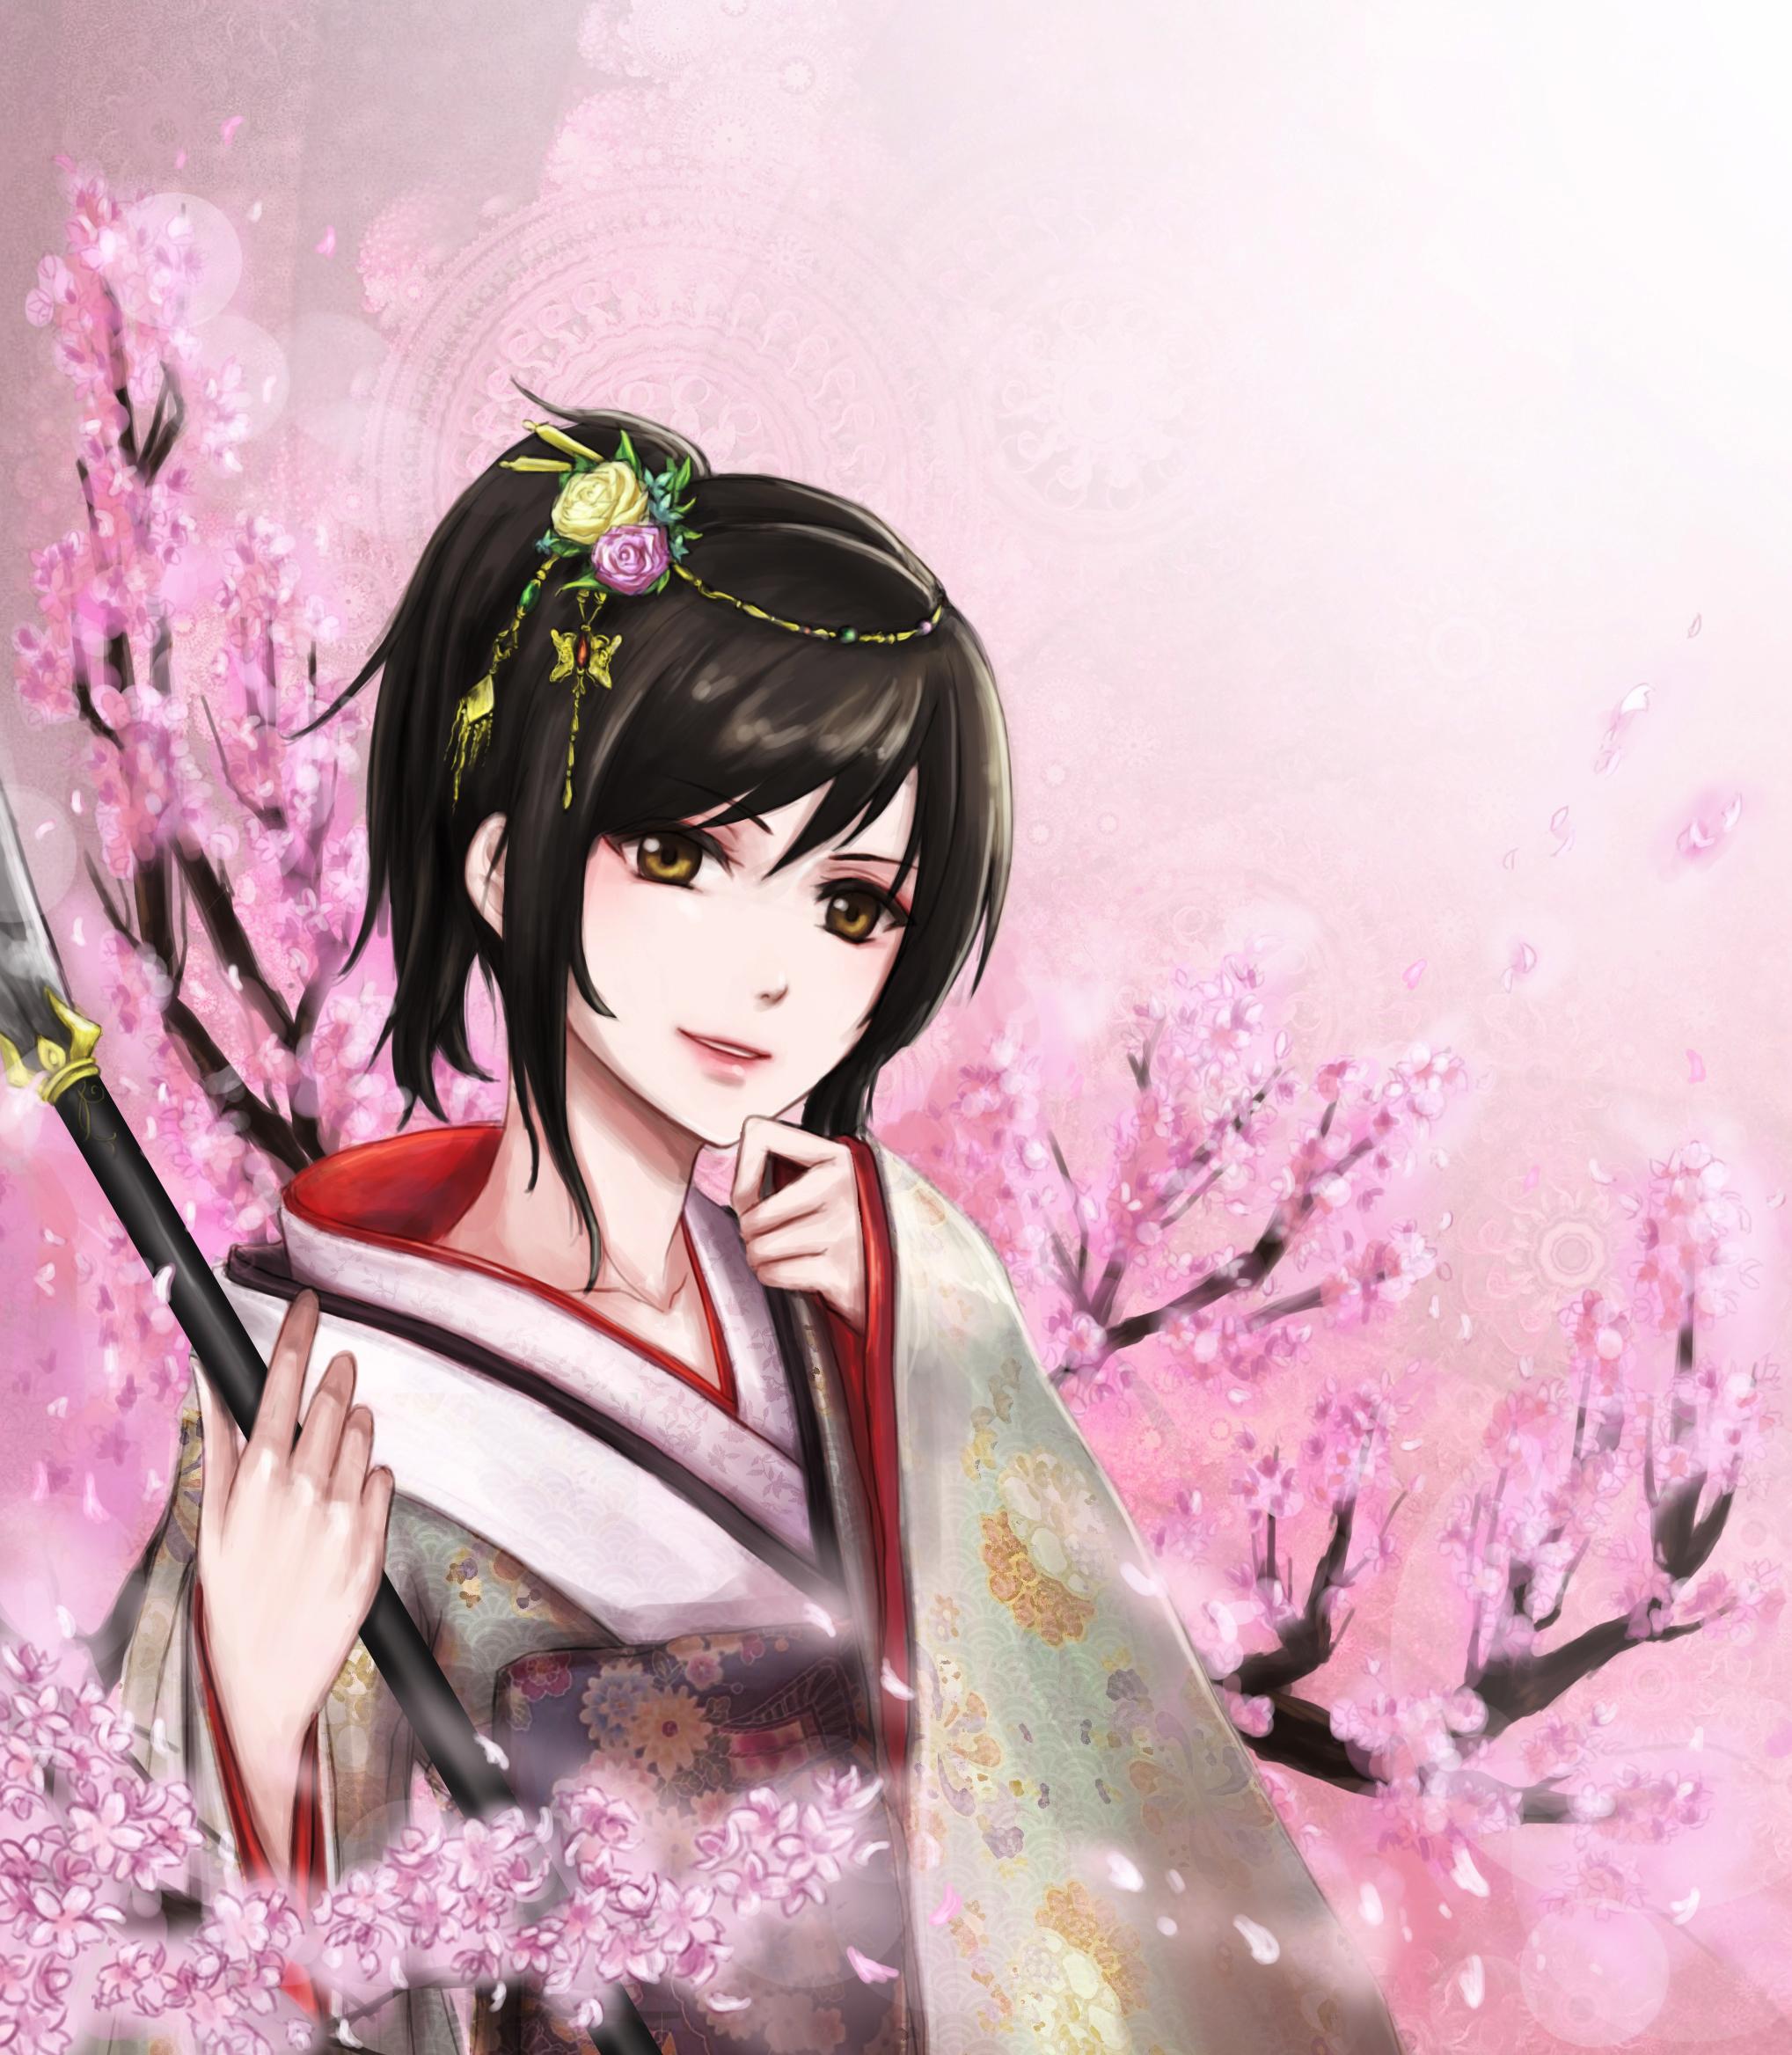 http://static.zerochan.net/Shimura.Tae.full.1459561.jpg